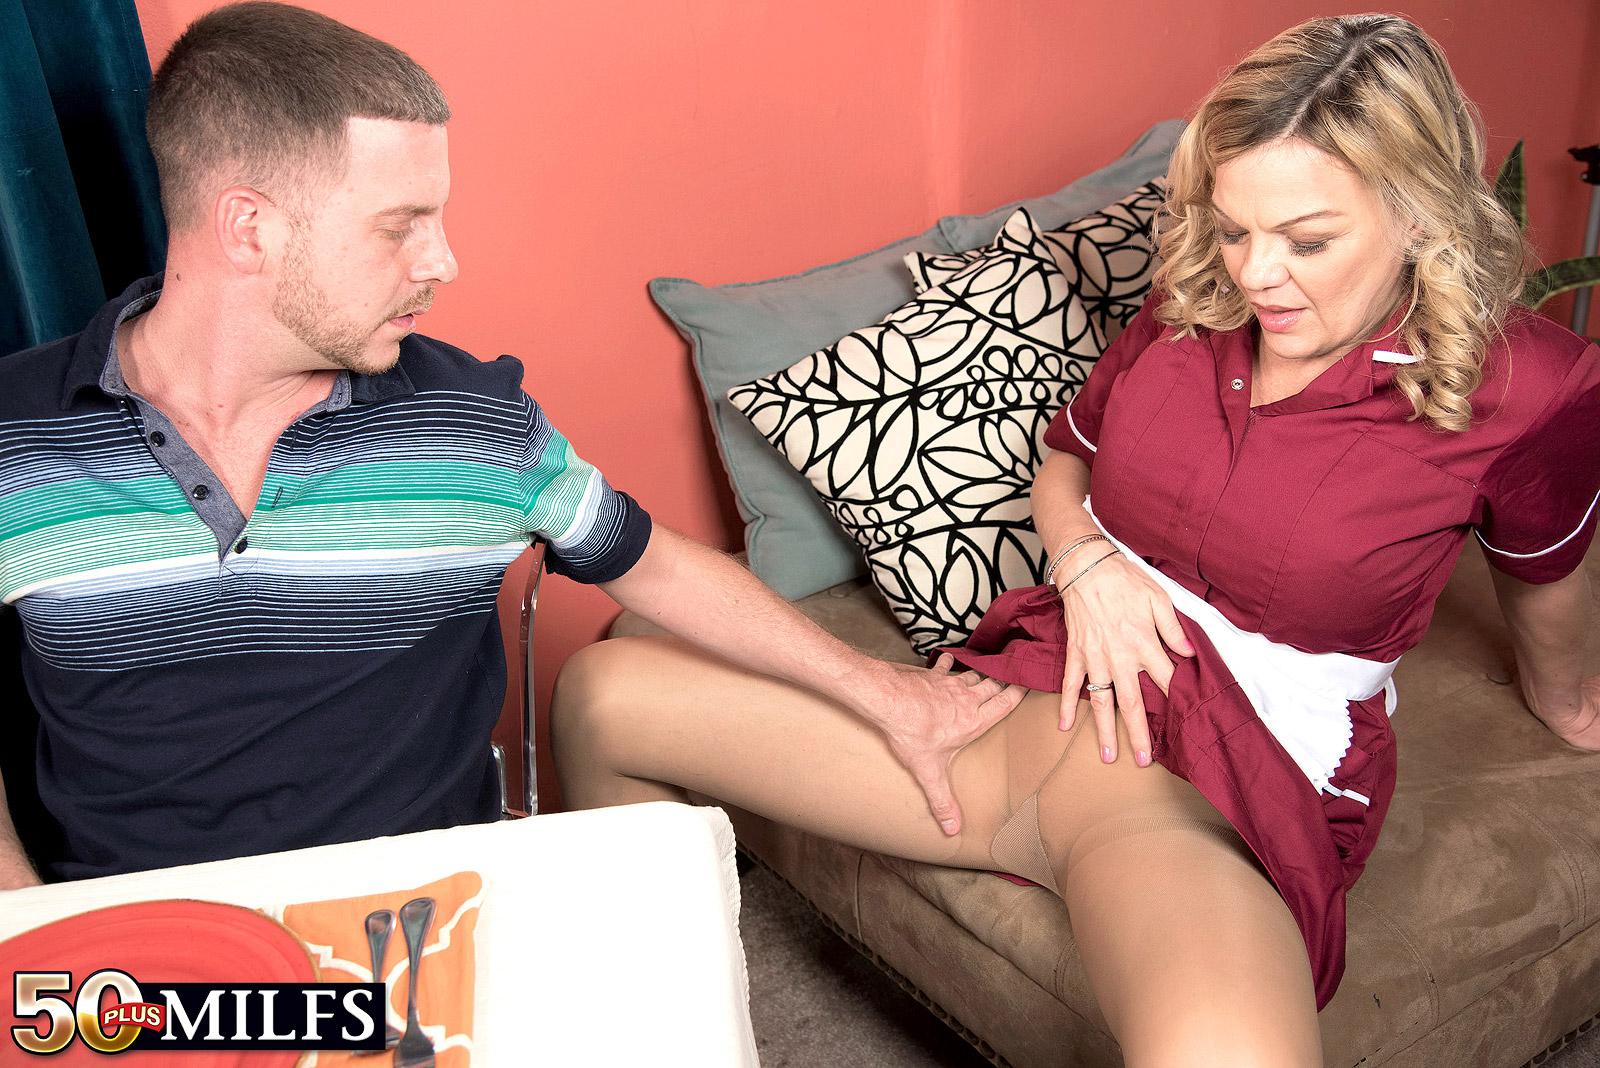 Tony takes the cocks